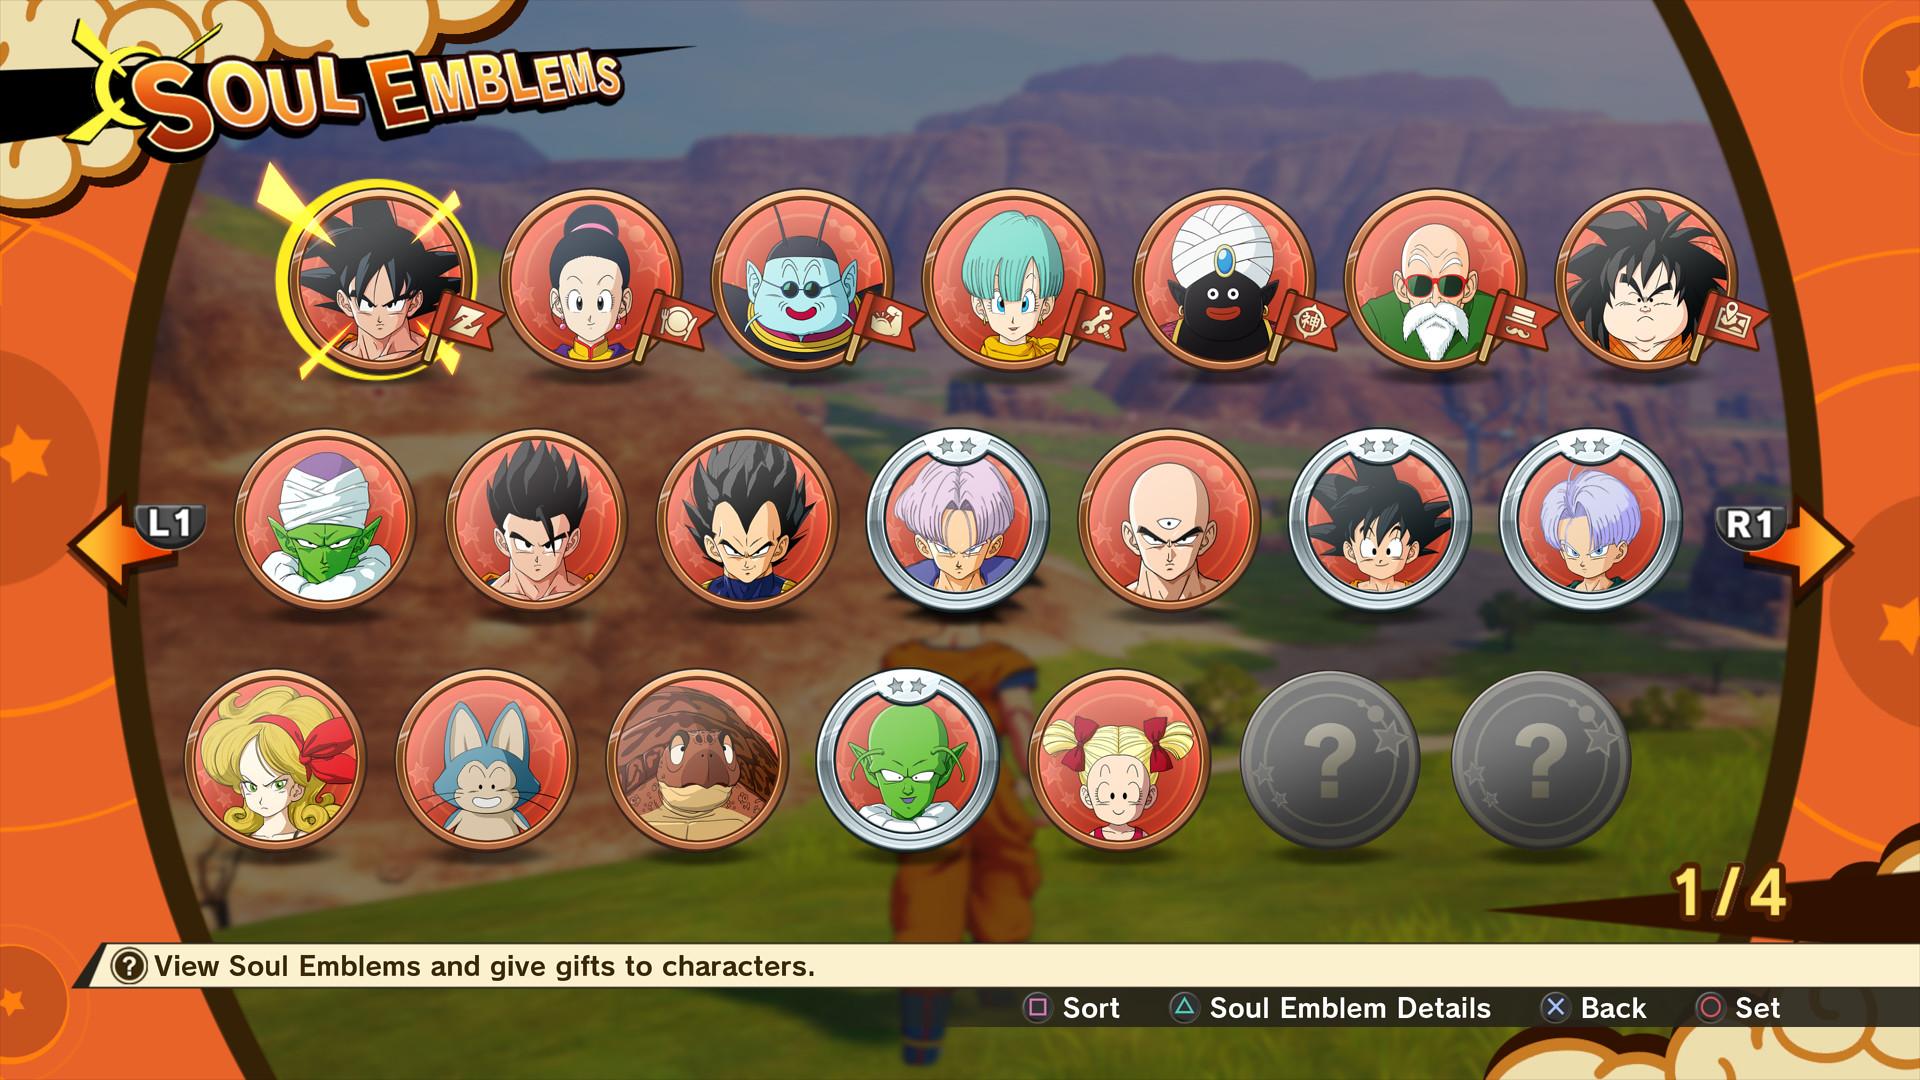 49198787461 7083b7af2b k - Erlebe mit Dragon Ball Z: Kakarot einen Klassiker der Anime-Geschichte